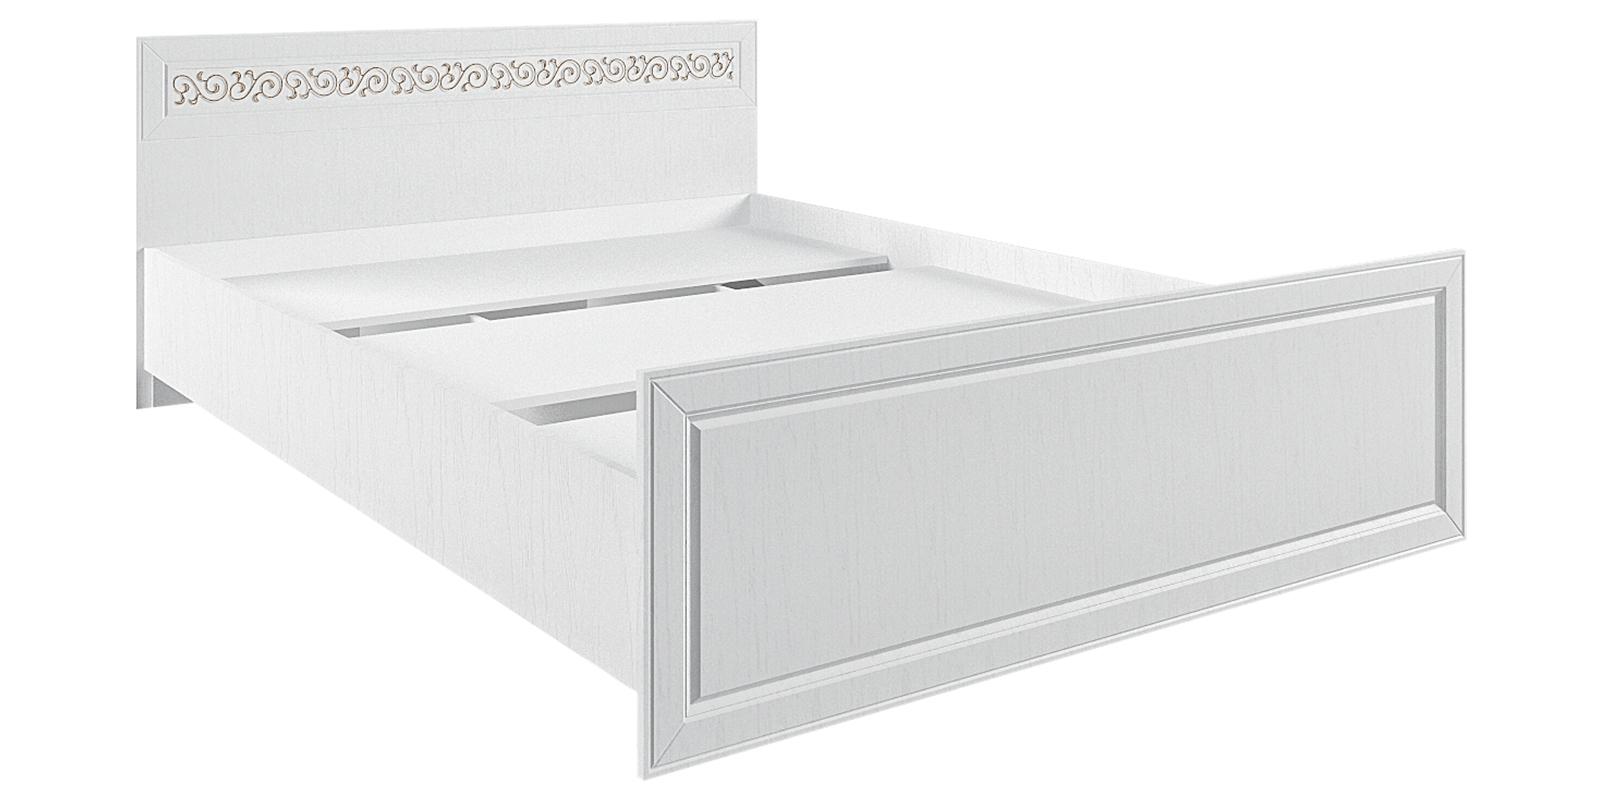 Кровать каркасная 200х140 Диамант без подъемного механизма (белый) от HomeMe.ru